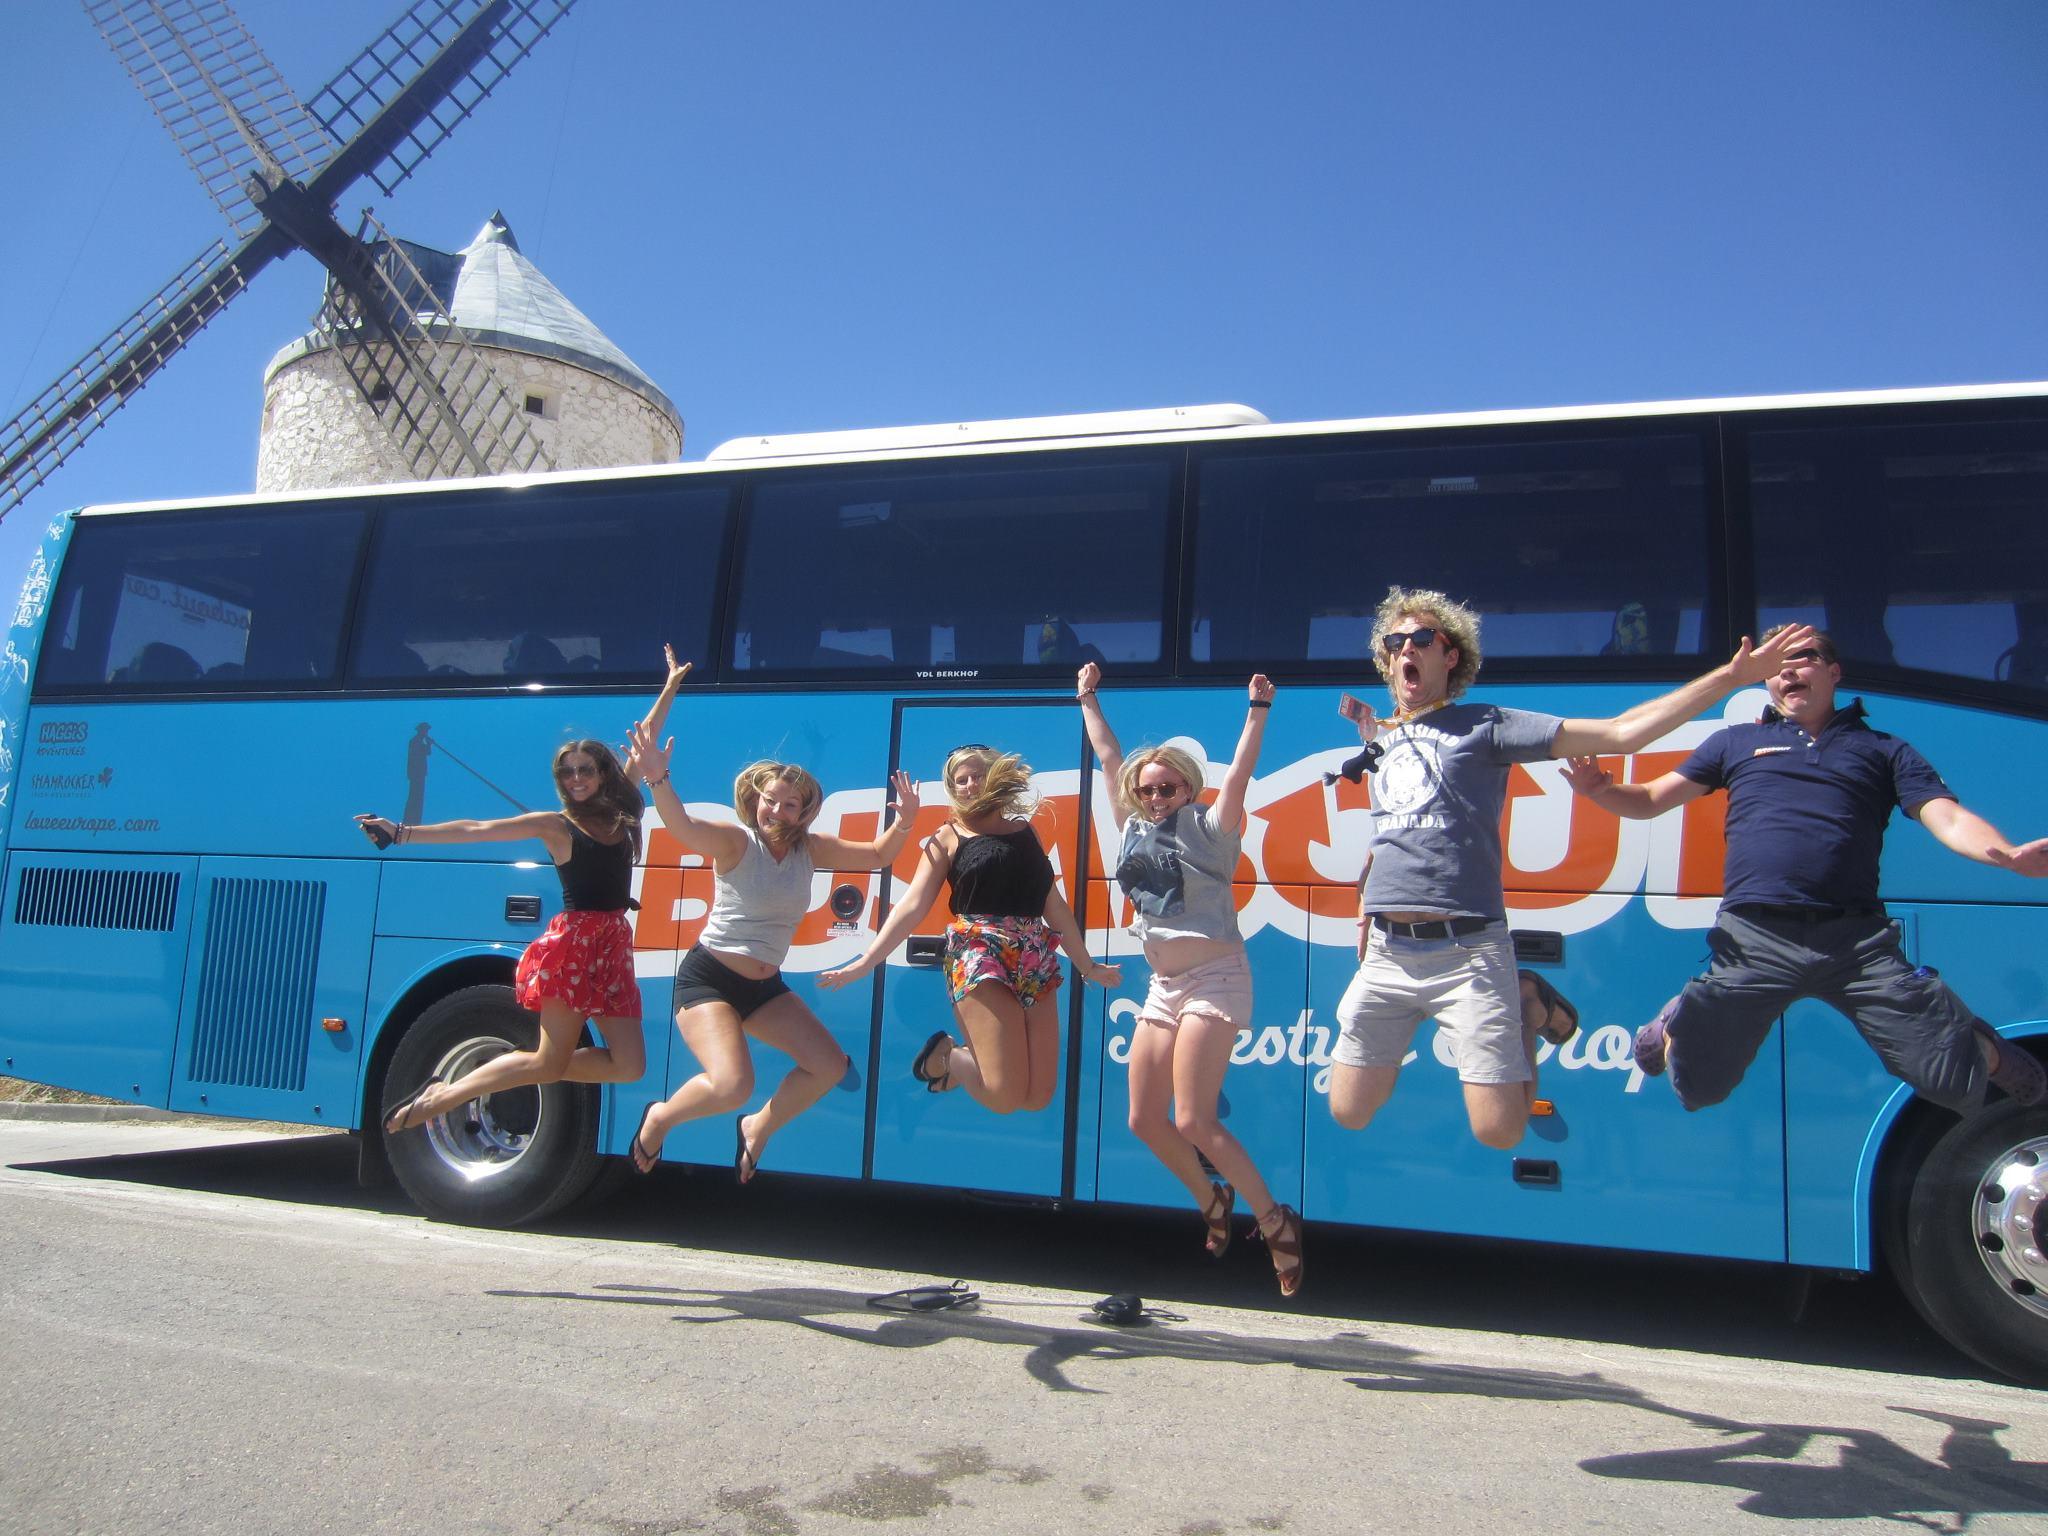 Проездной BusAbout Pass – 3 автобусных маршрута по Европе.